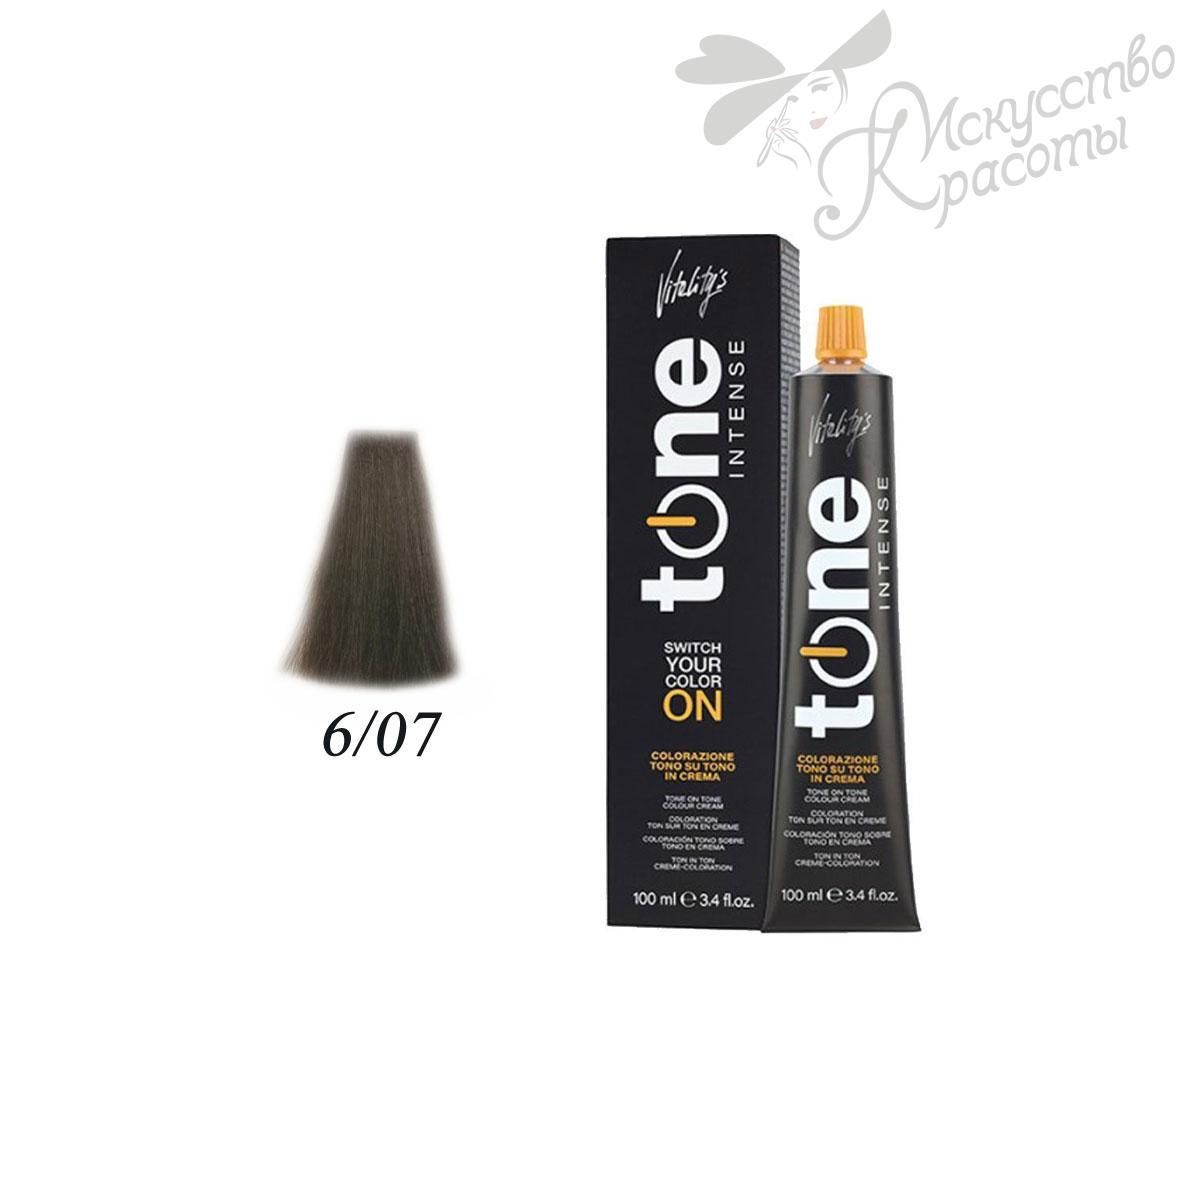 Краска для волос 6/07 натуральный перламутровый темный блонд Tone Intense Vitality's 100мл